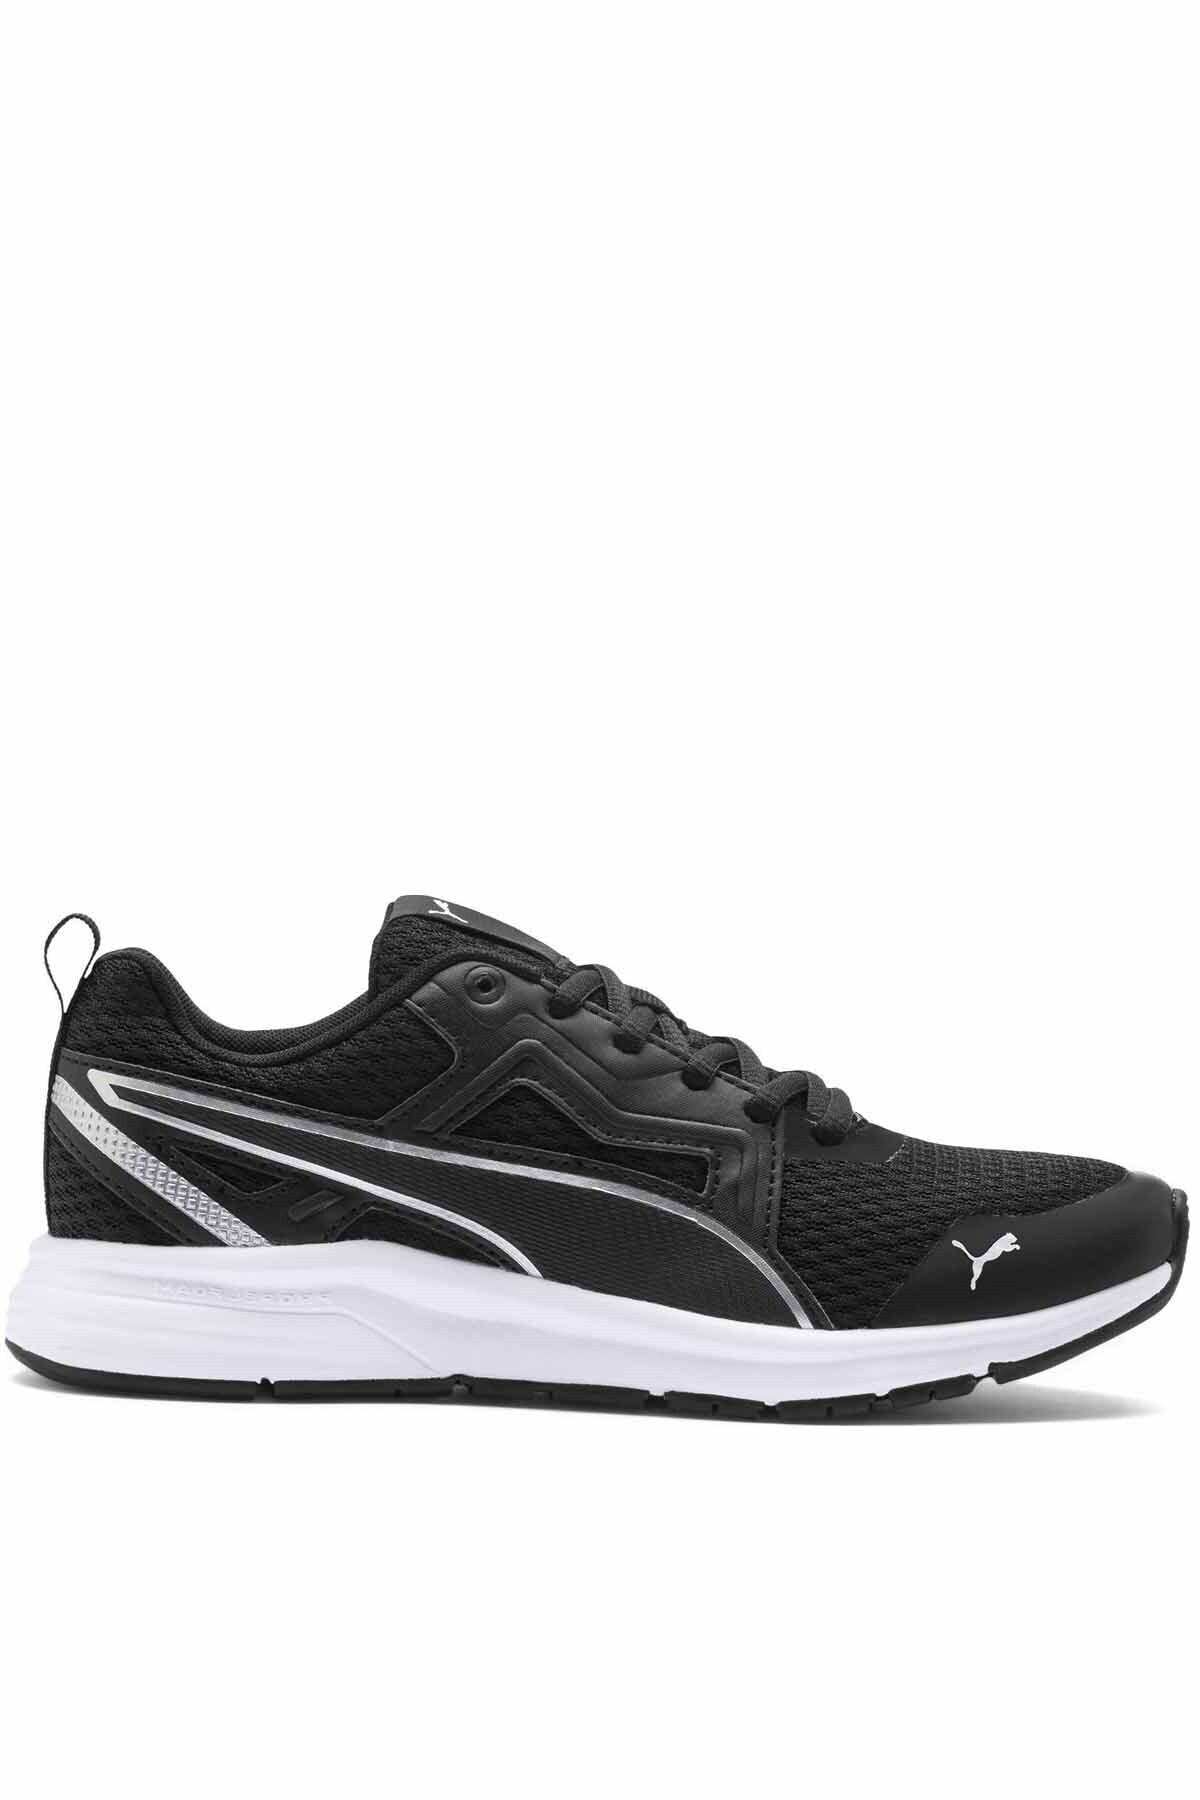 Puma Kadın Siyah Günlük Spor Ayakkabı 370575 01 Pure Jogger Jr 1